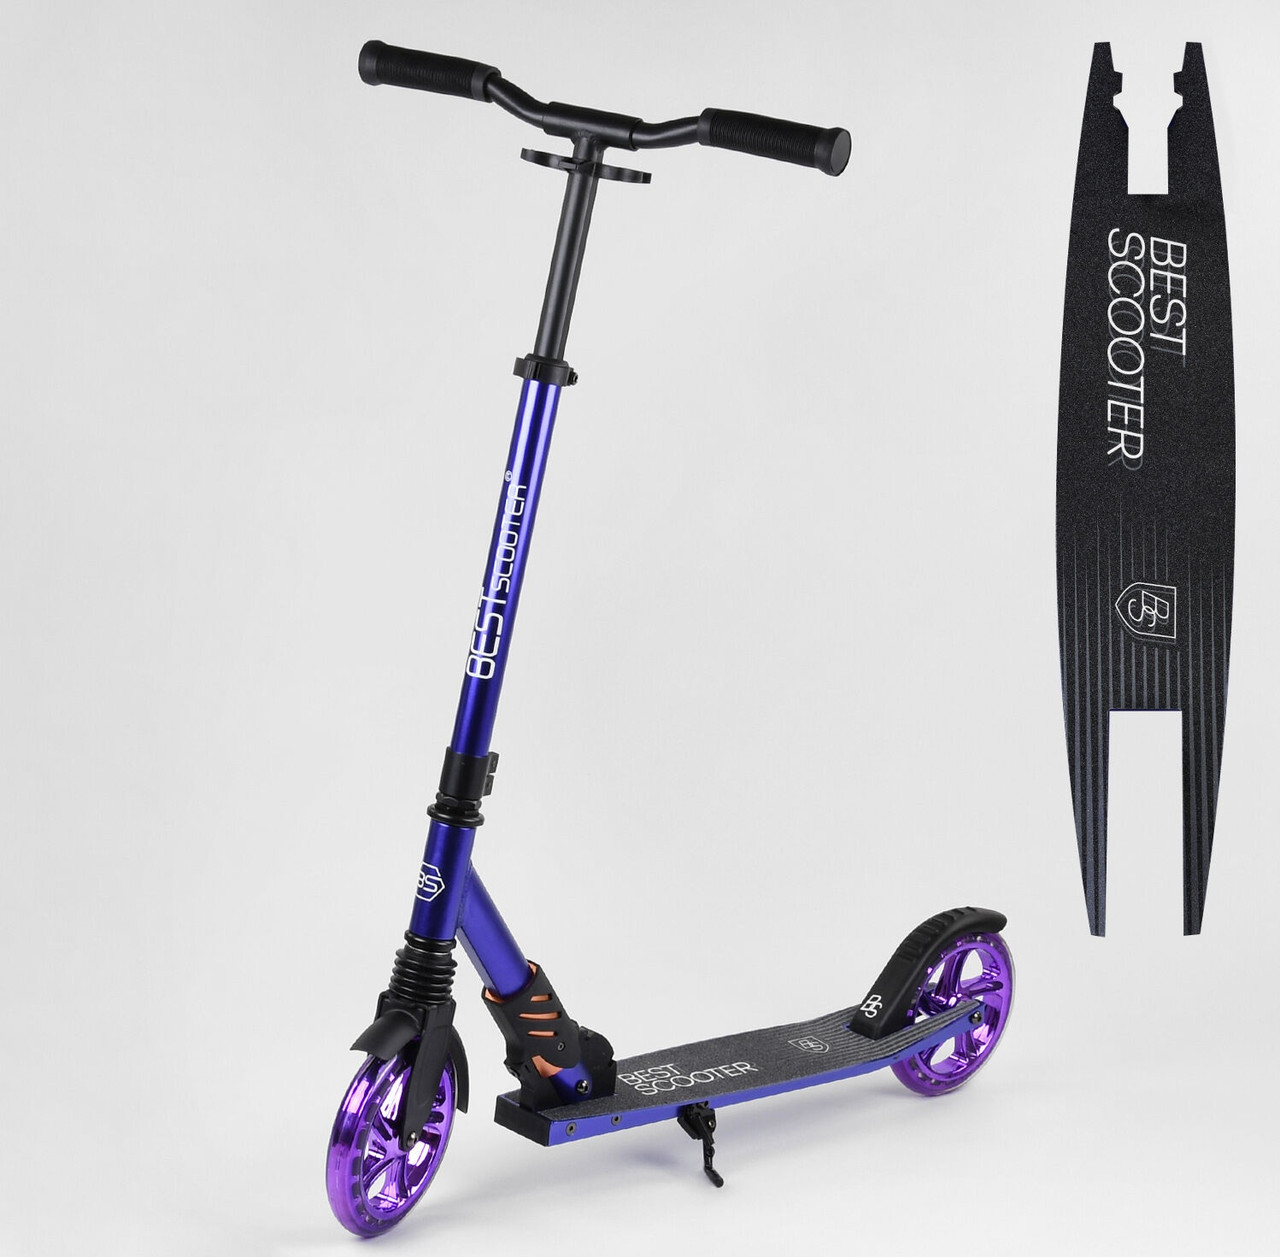 Двоколісний Самокат складаний, легкий з алюмінієвою рамою з максимальним навантаженням 100 кг S-20415 Best Scooter